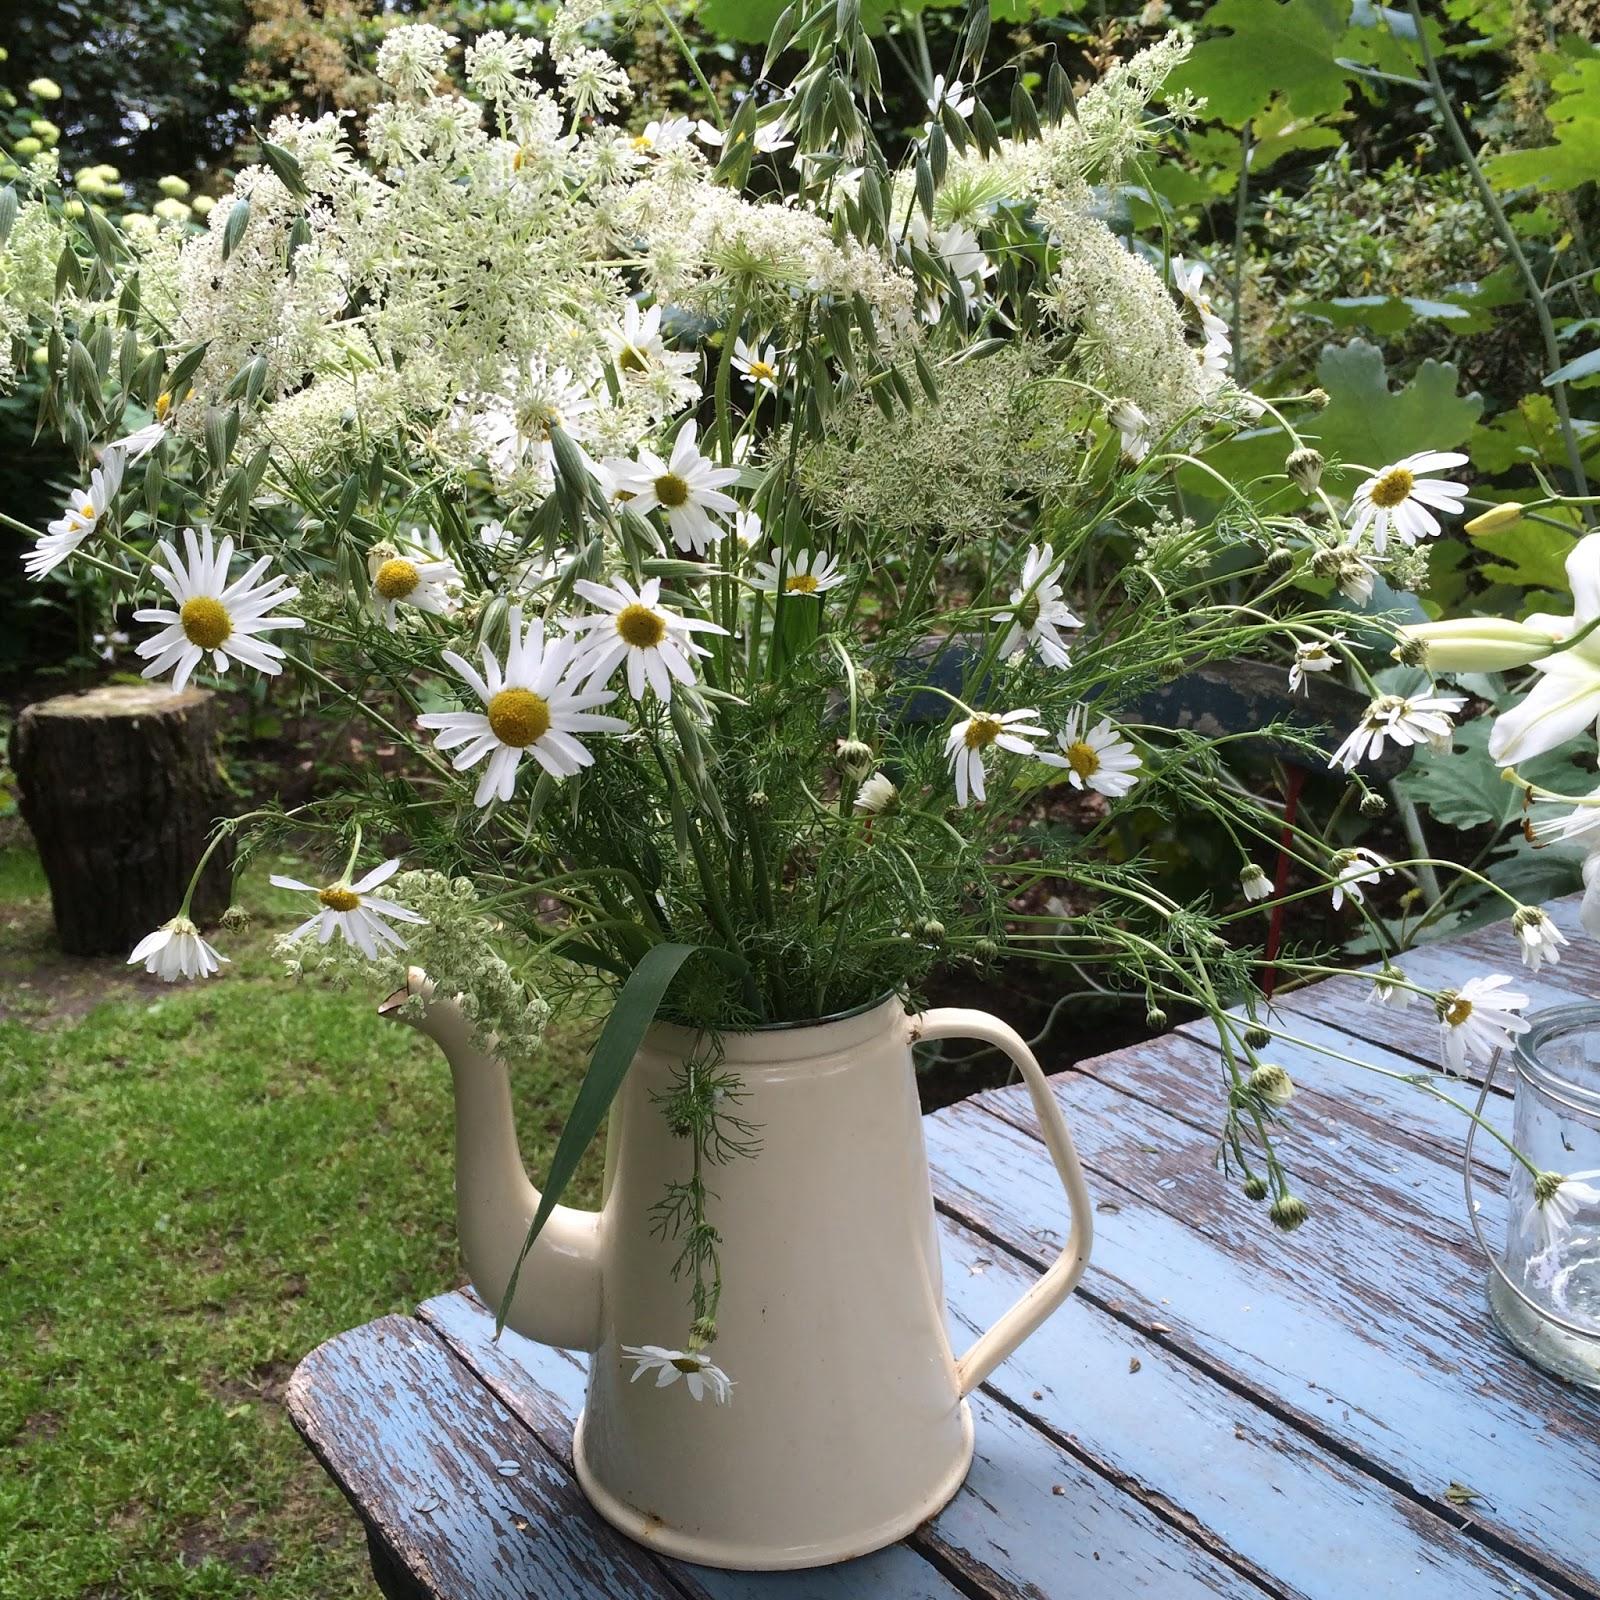 Fru Pedersens have: Vilde blomster i kaffekanden, og kattekillinger.